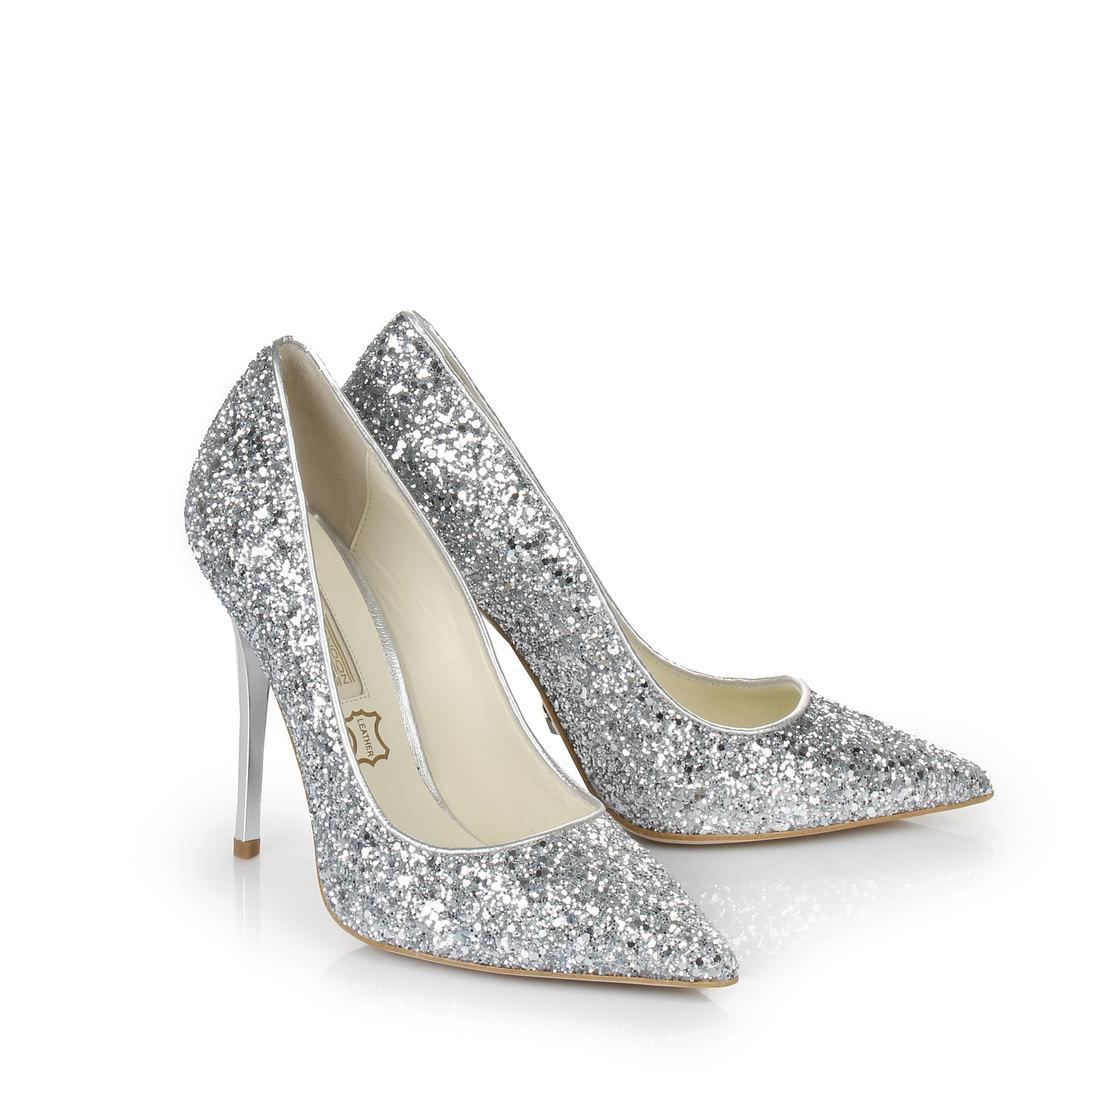 Shop Pumps In Glitter Silver Buffalo Online Buy 5j34RqLA